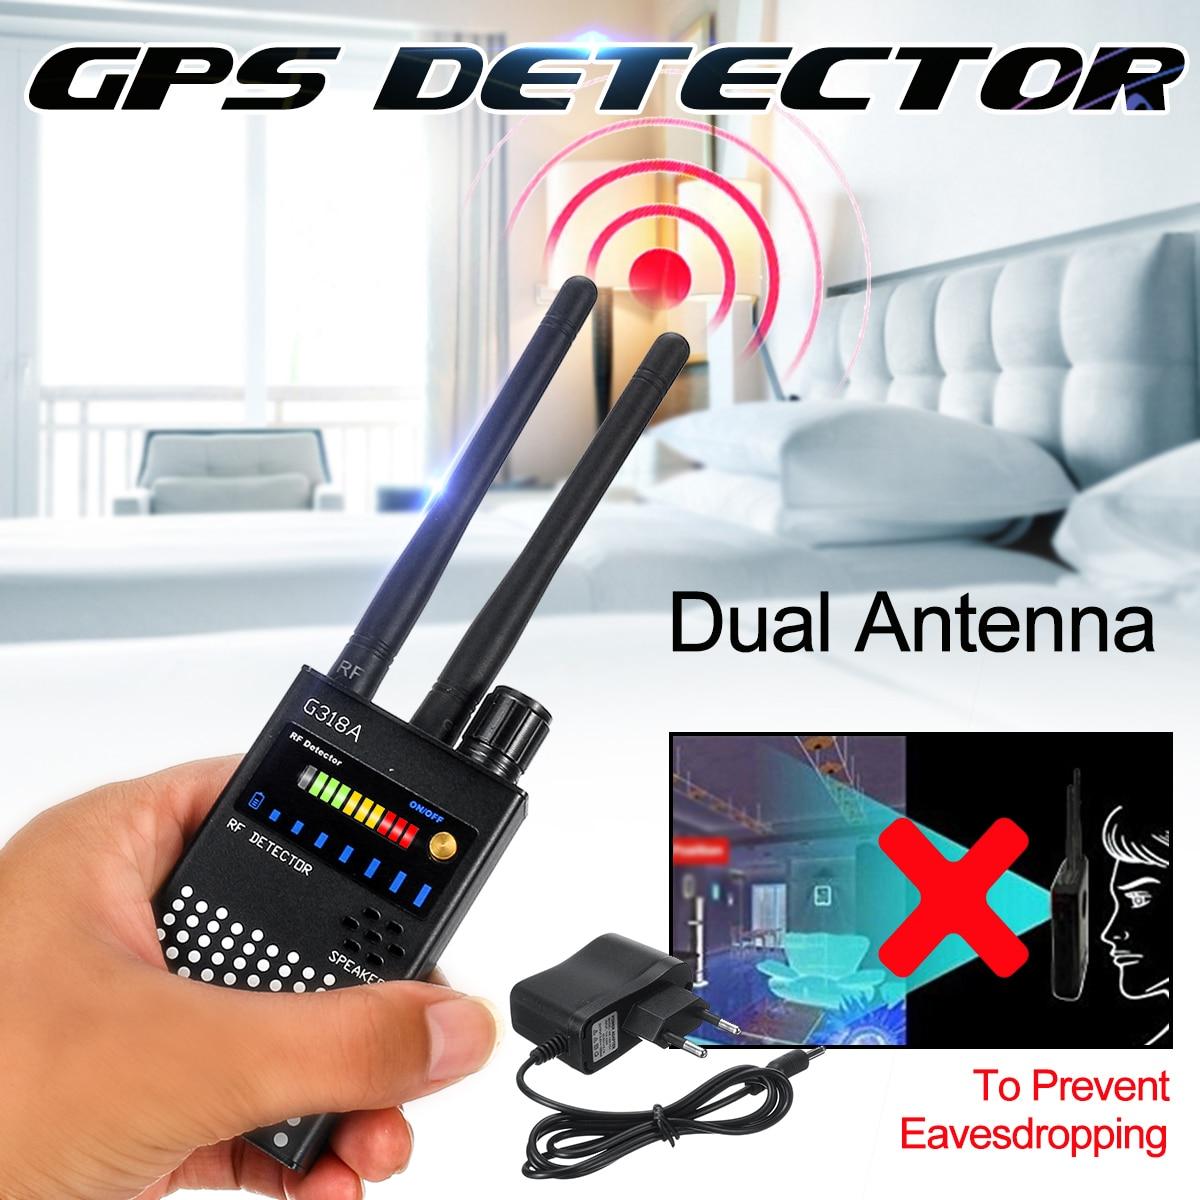 G-318A 1MHz double antenne 8000MHz Anti-espion détecteur de bogue sans fil RF GPS localisation double Signal dispositif Finder protection de la vie privée